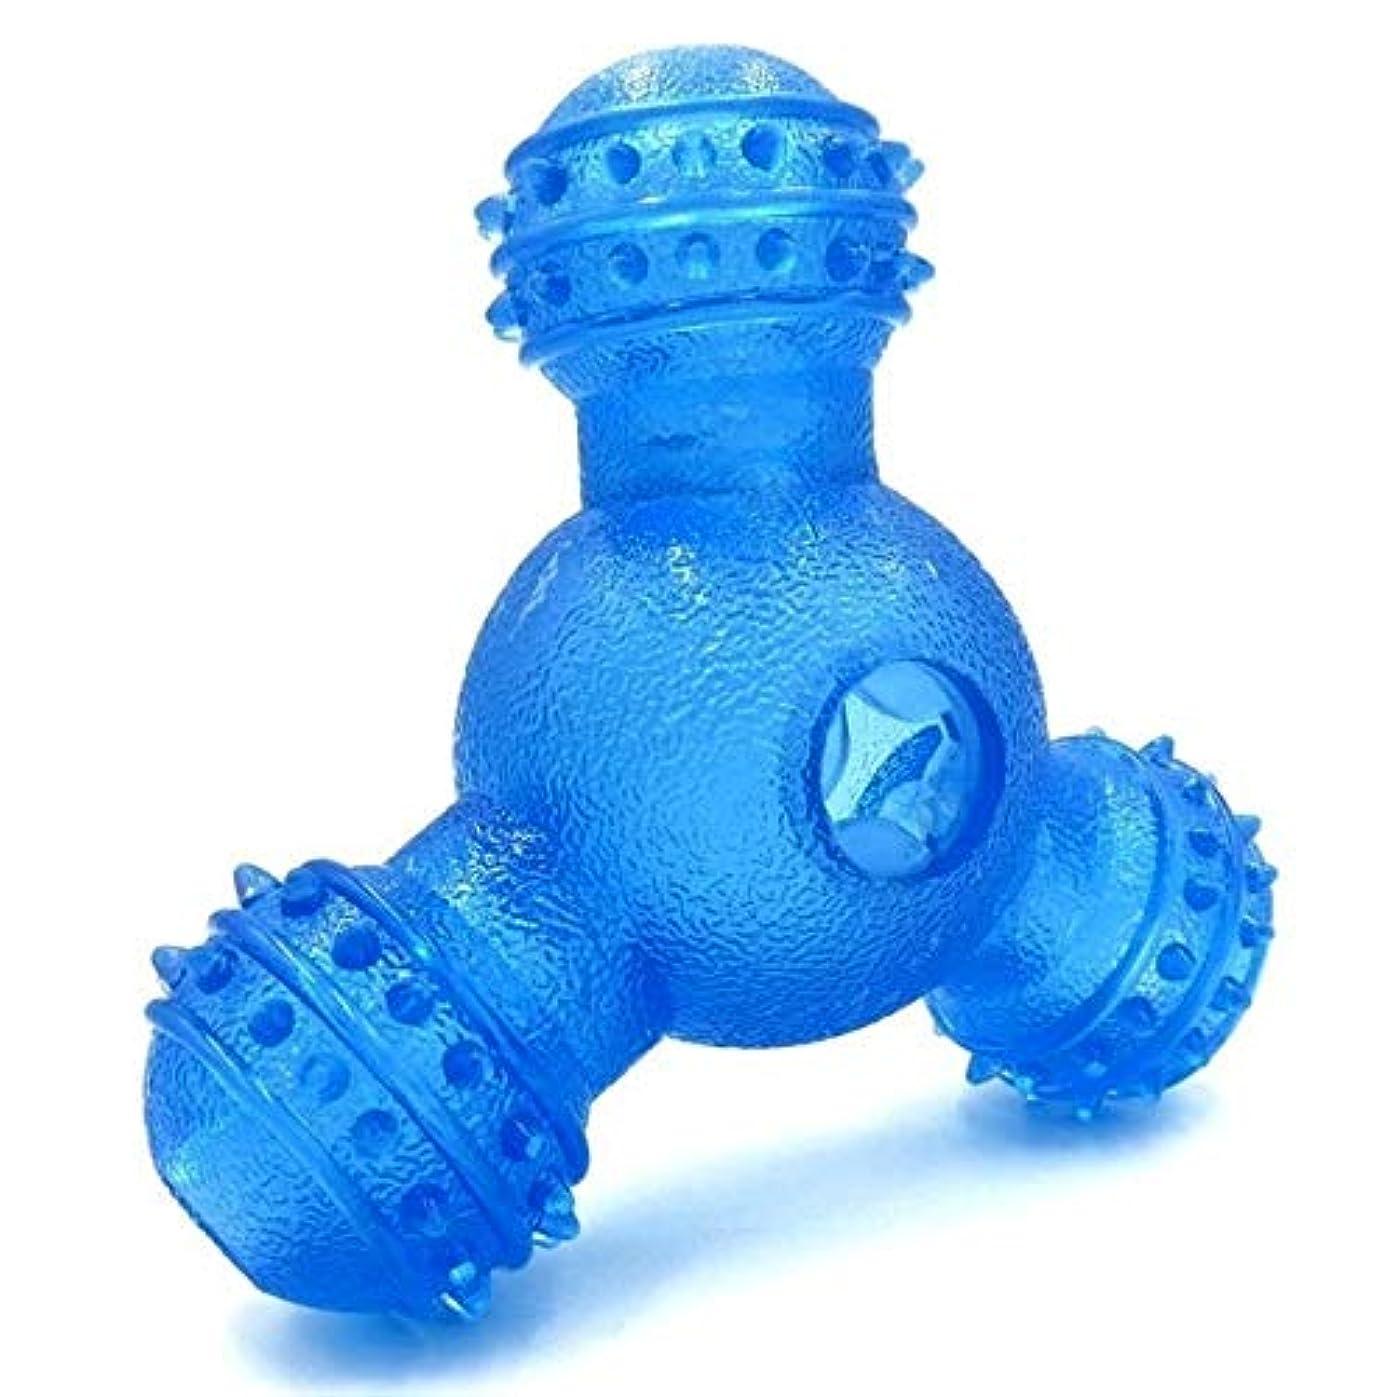 過激派流すラックSHUITOU 犬のおもちゃゴム漏れ食品ボールフィーダの犬ペットトレーニングエクササイズボウルクリーニング歯のおもちゃペットのおもちゃを再生 (Color : Blue, Size : M)